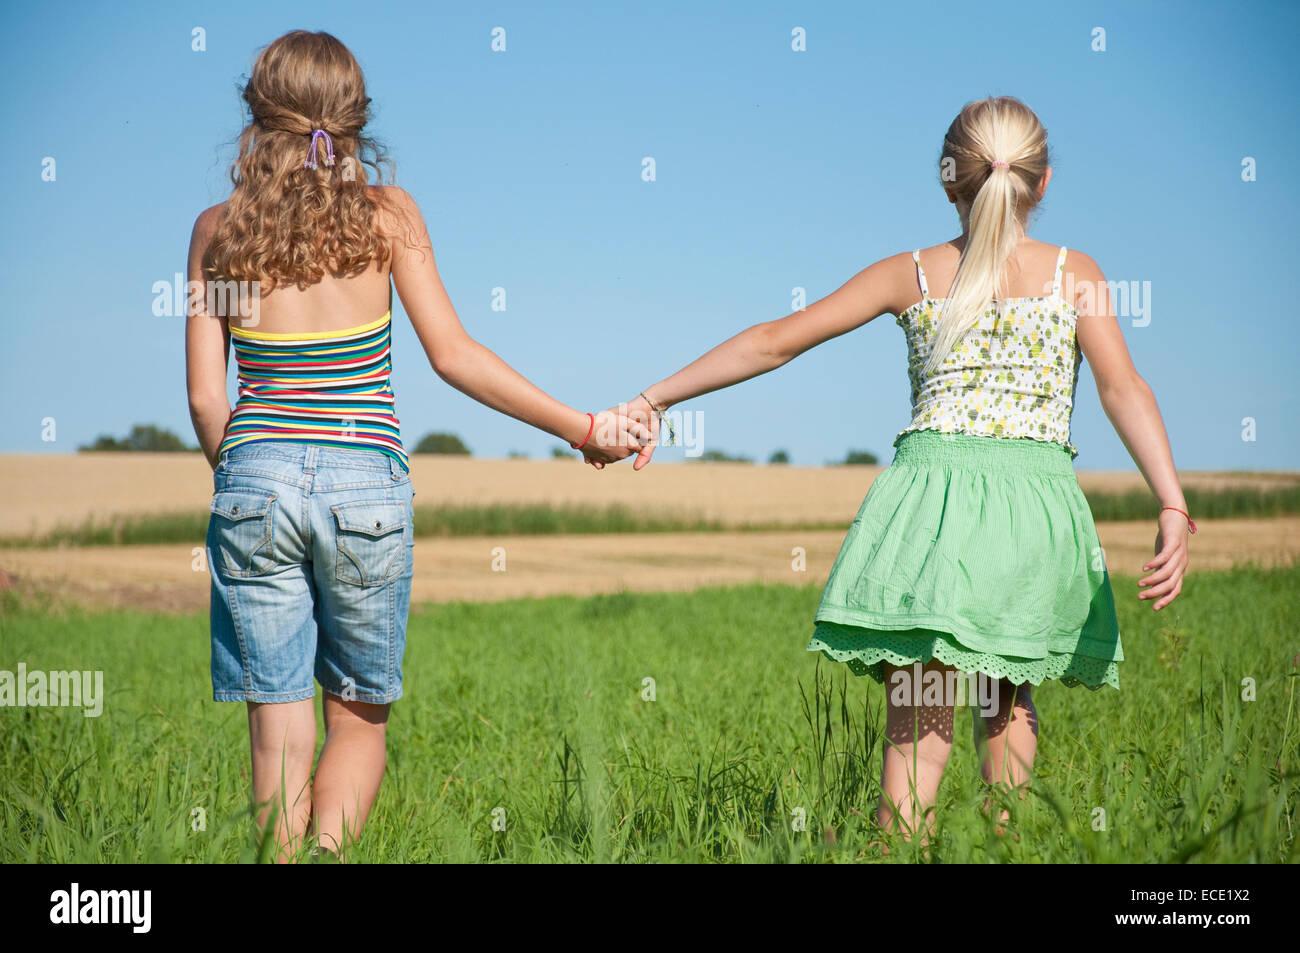 Deux jeunes filles (10-11) (12-13) la main dans la main dans le champ, vue arrière Photo Stock